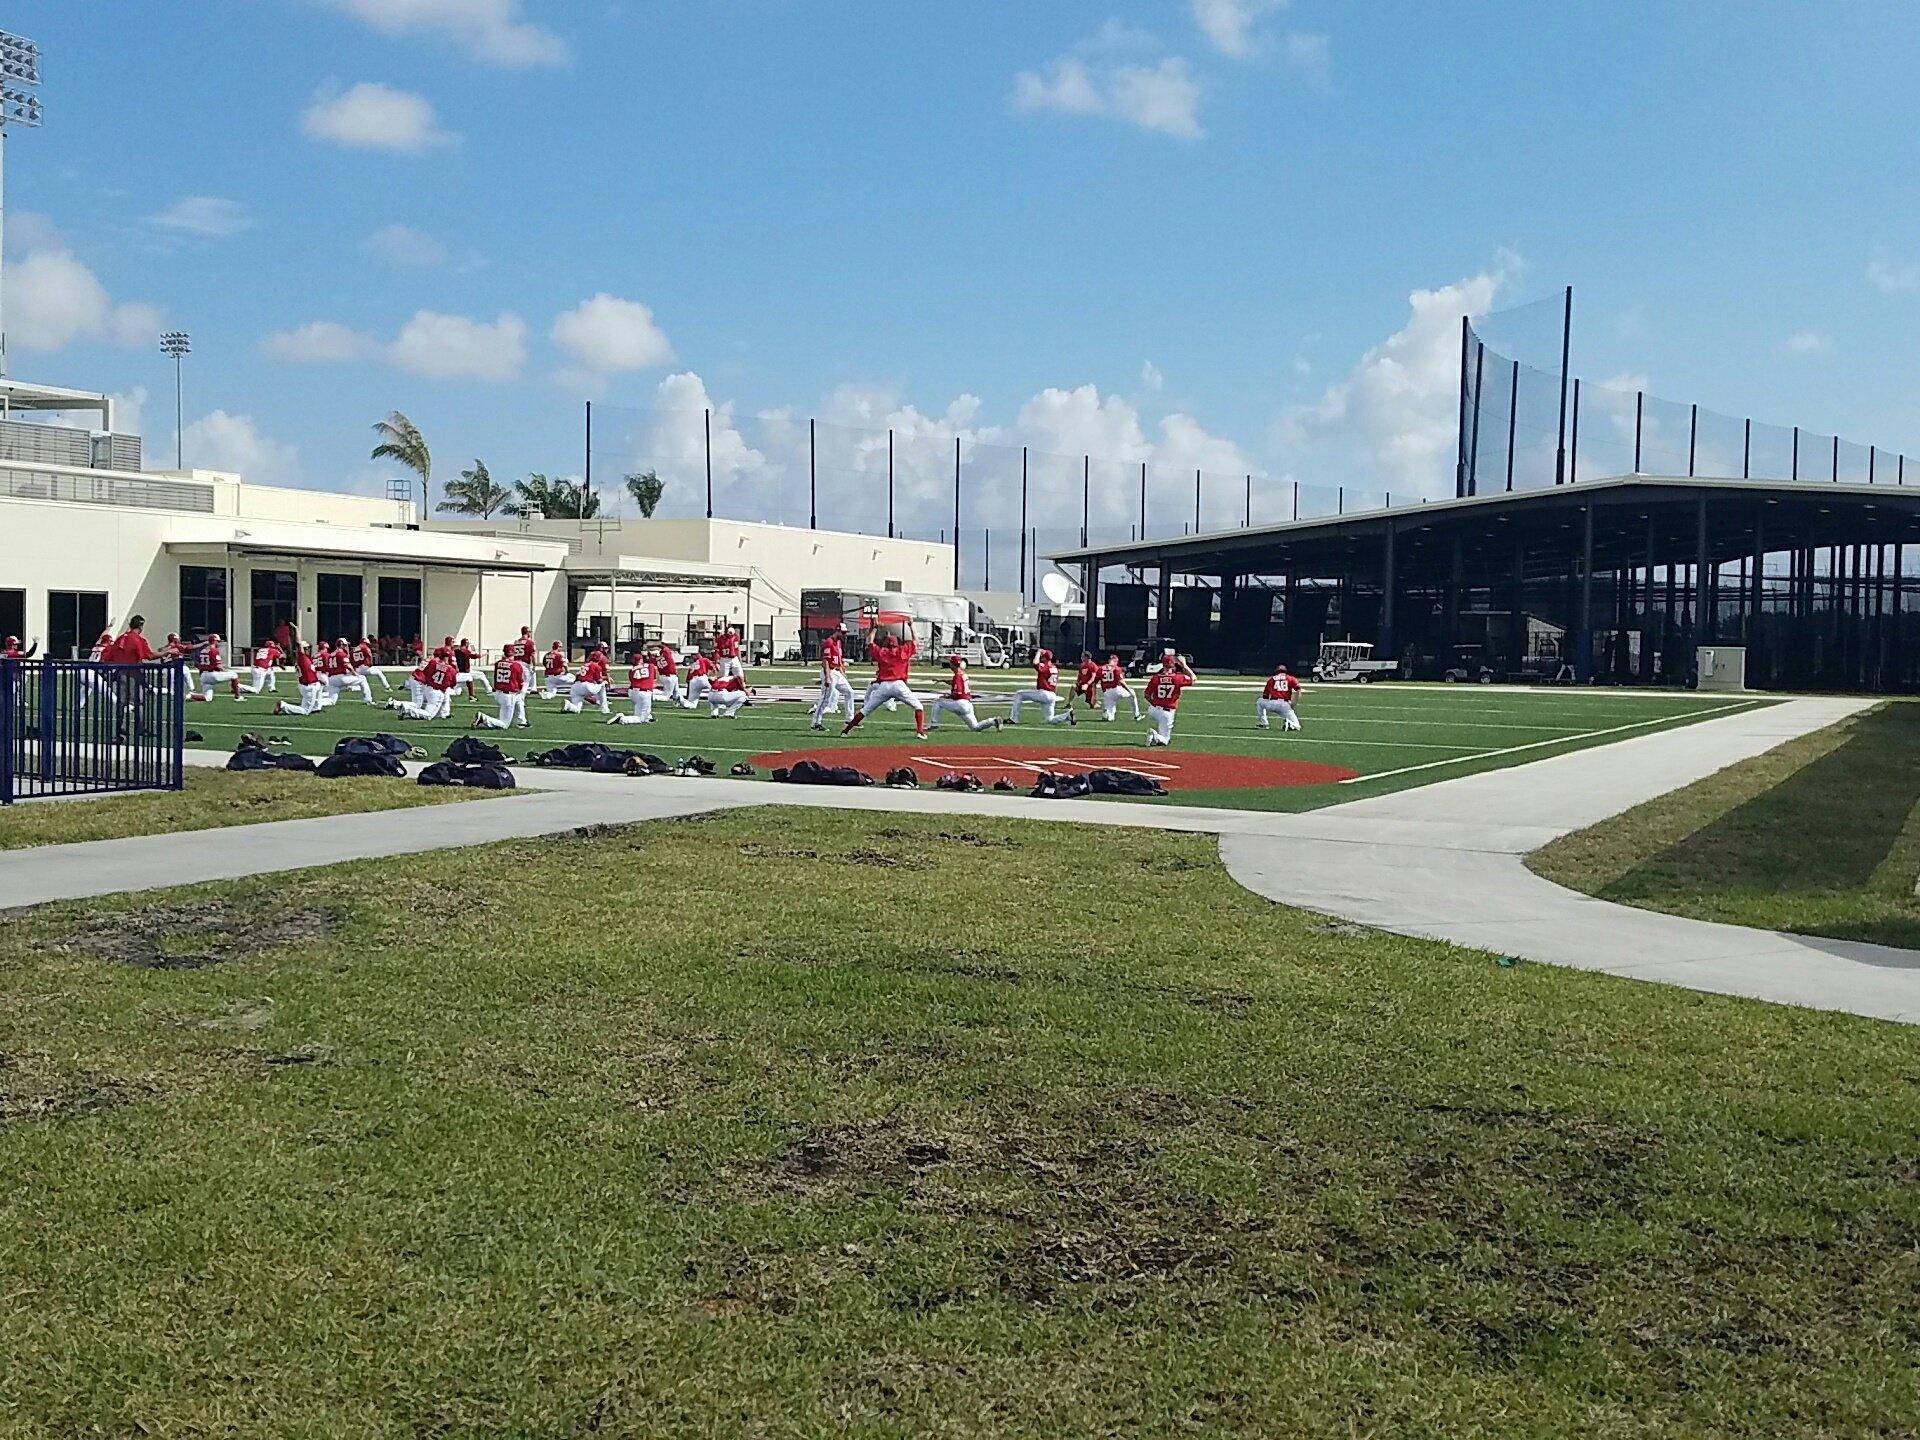 Ballpark of the Palm Beaches Gridiron